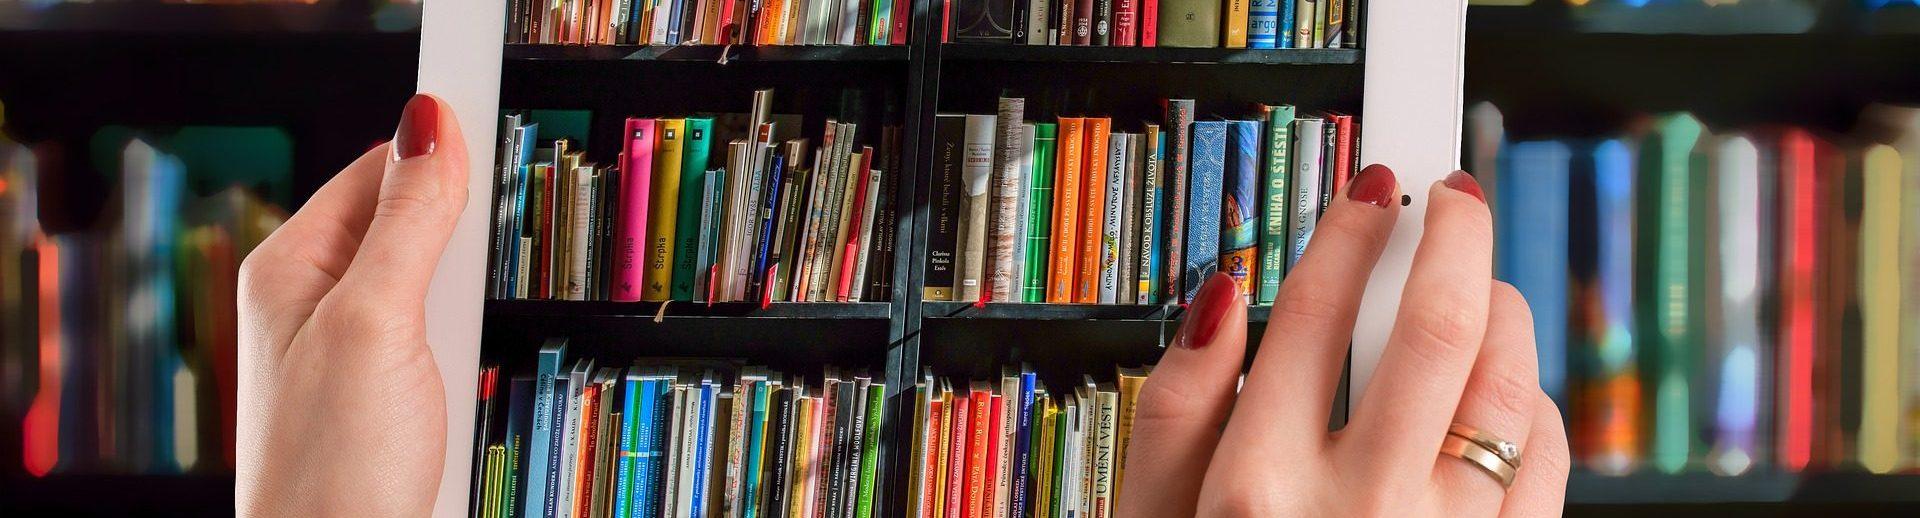 """Veranstaltung BAK Information """"Die Deutsche Digitale Bibliothek – Potenziale, Strategie, Herausforderungen"""" am 1. Februar 2018"""